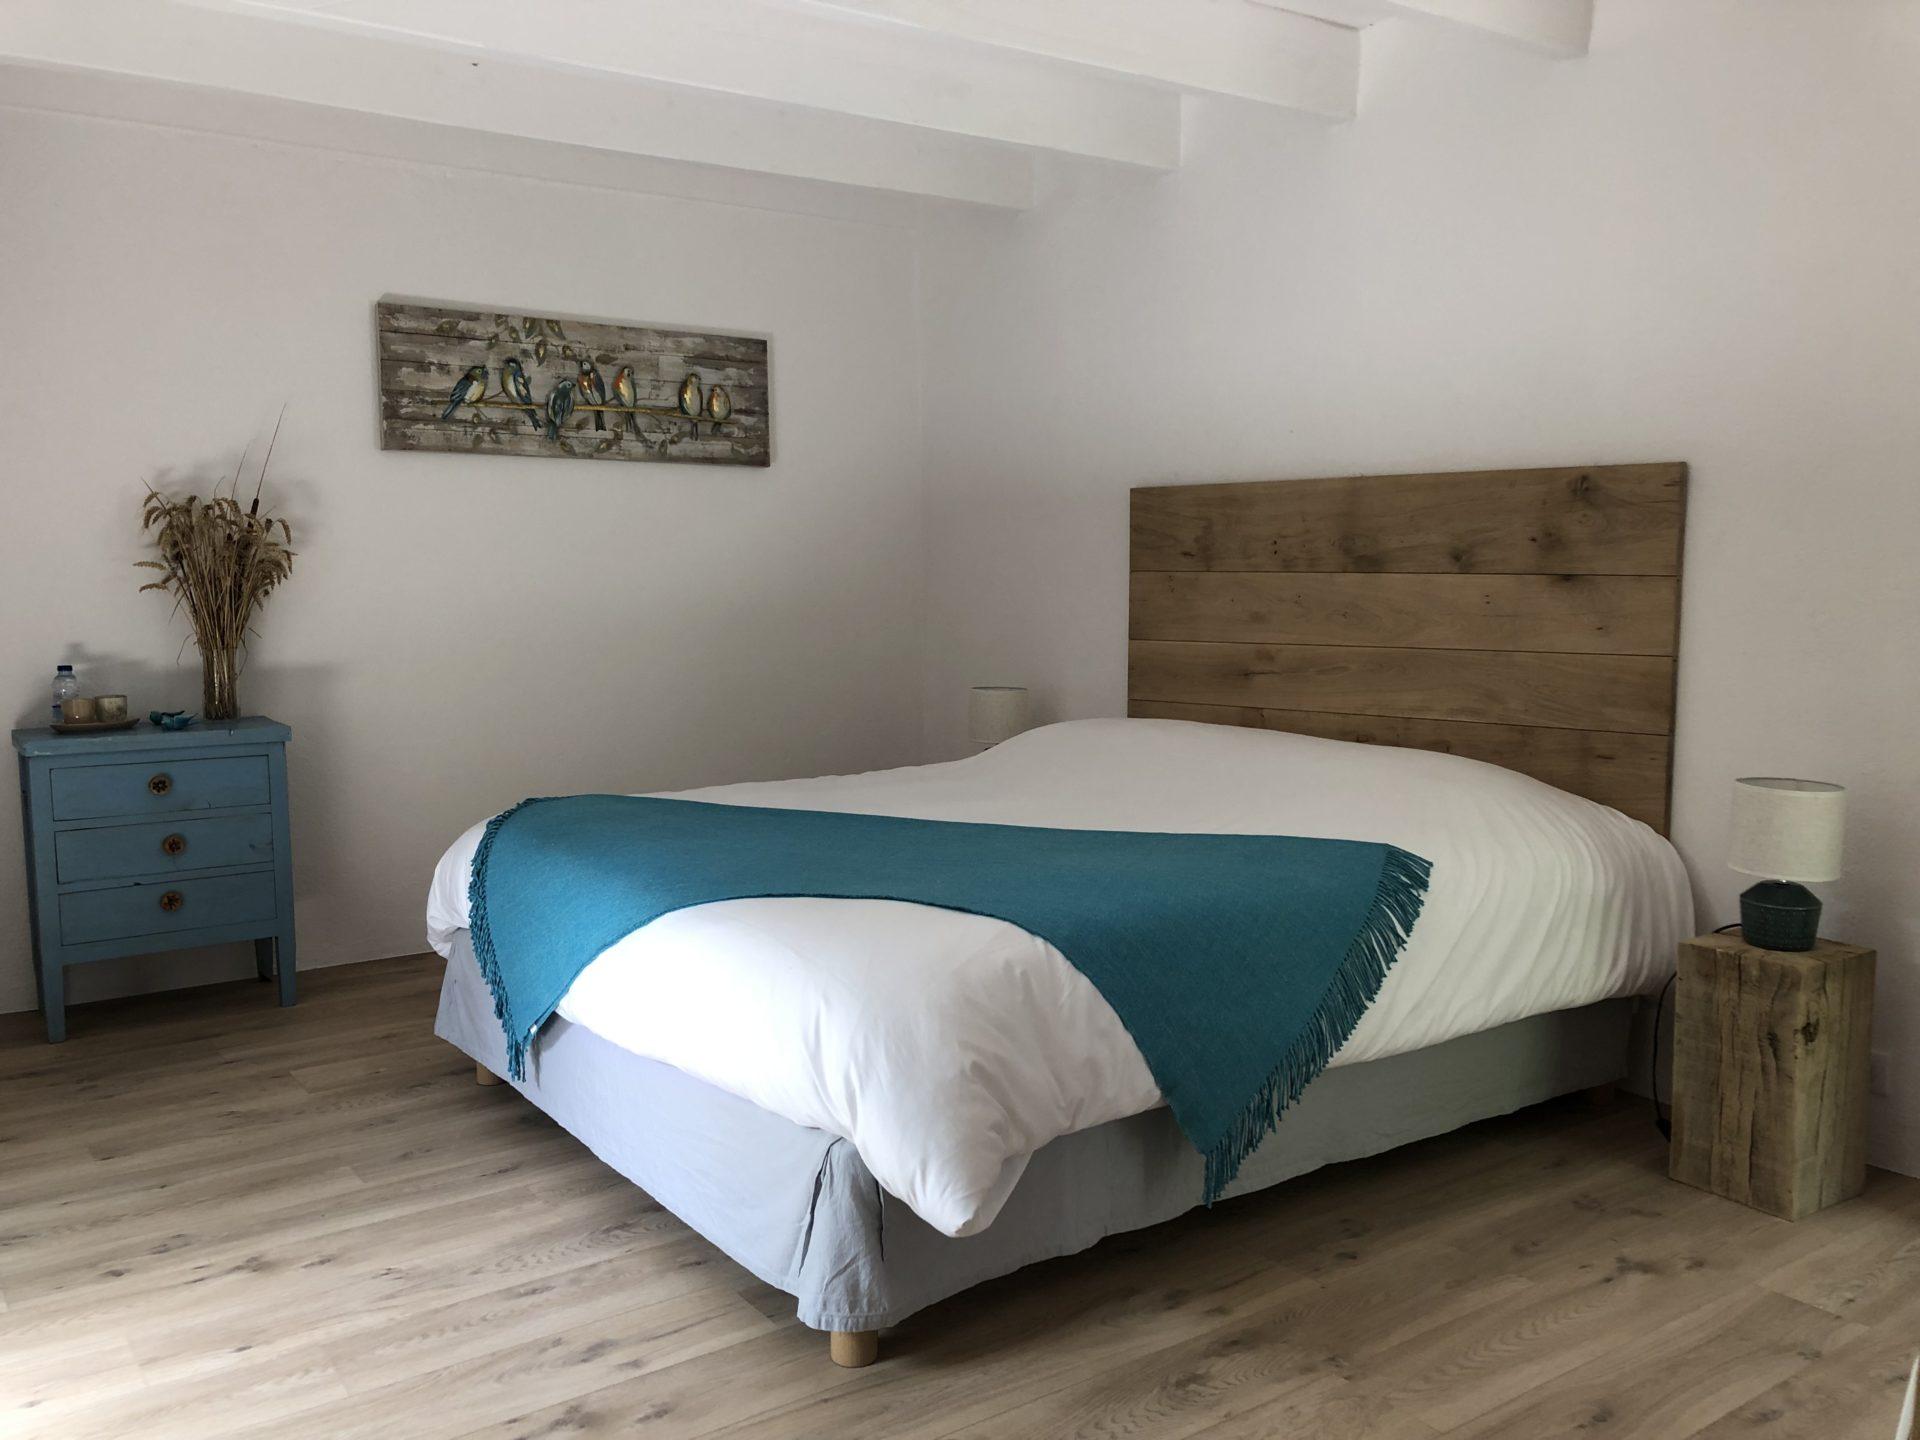 CHAMBRE D'HÔTE « L'ATELIER »  Le Clos Pastel : Chambre d'Hôtes de Charme Albi & Cordes Tarn (81) | Spa Jacuzzi Privatif + Piscine | Parc Arboré